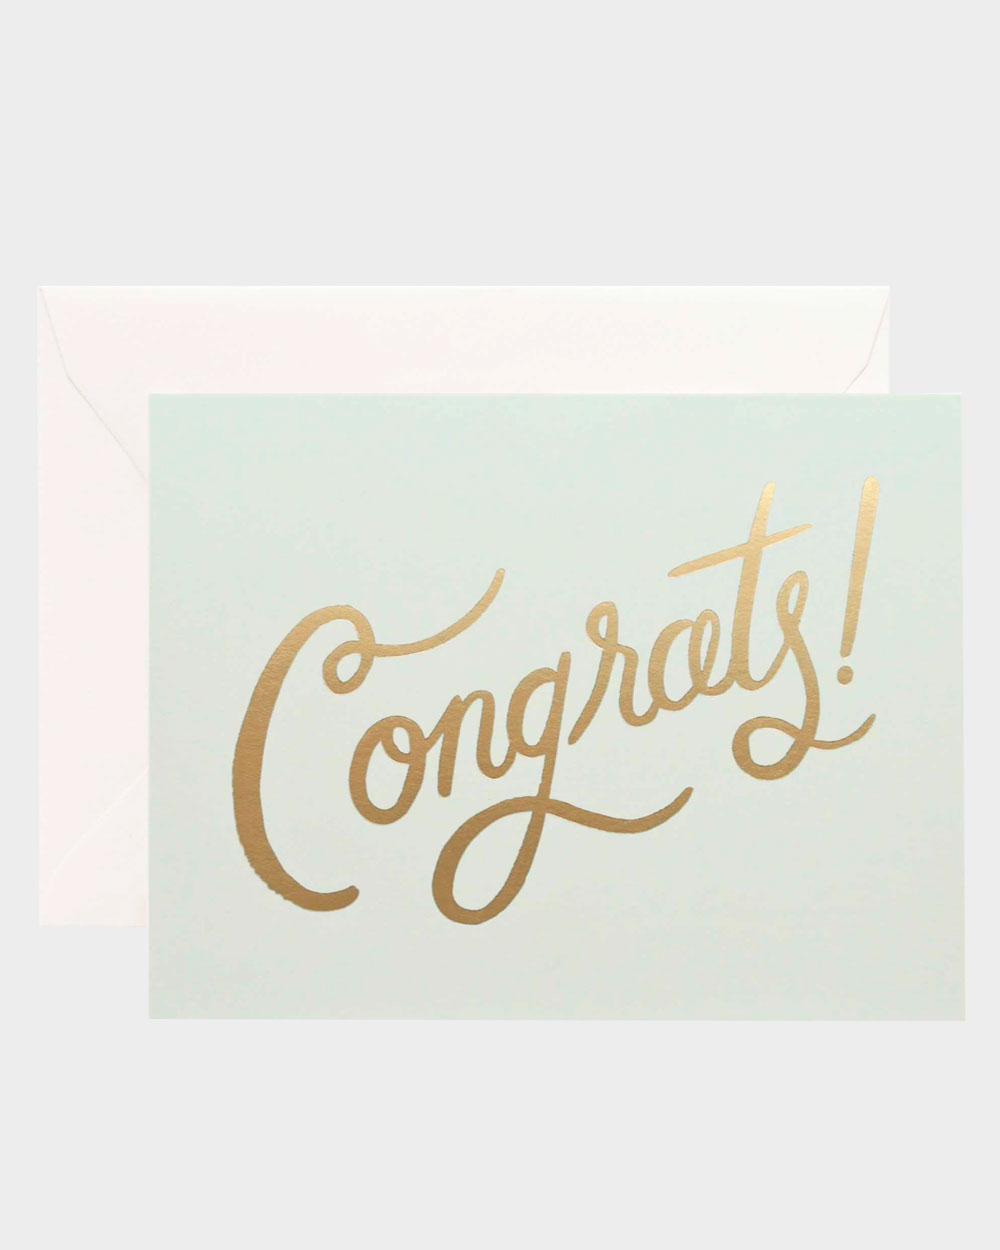 onnittelukortti englanninkielisellä tekstillä congrats